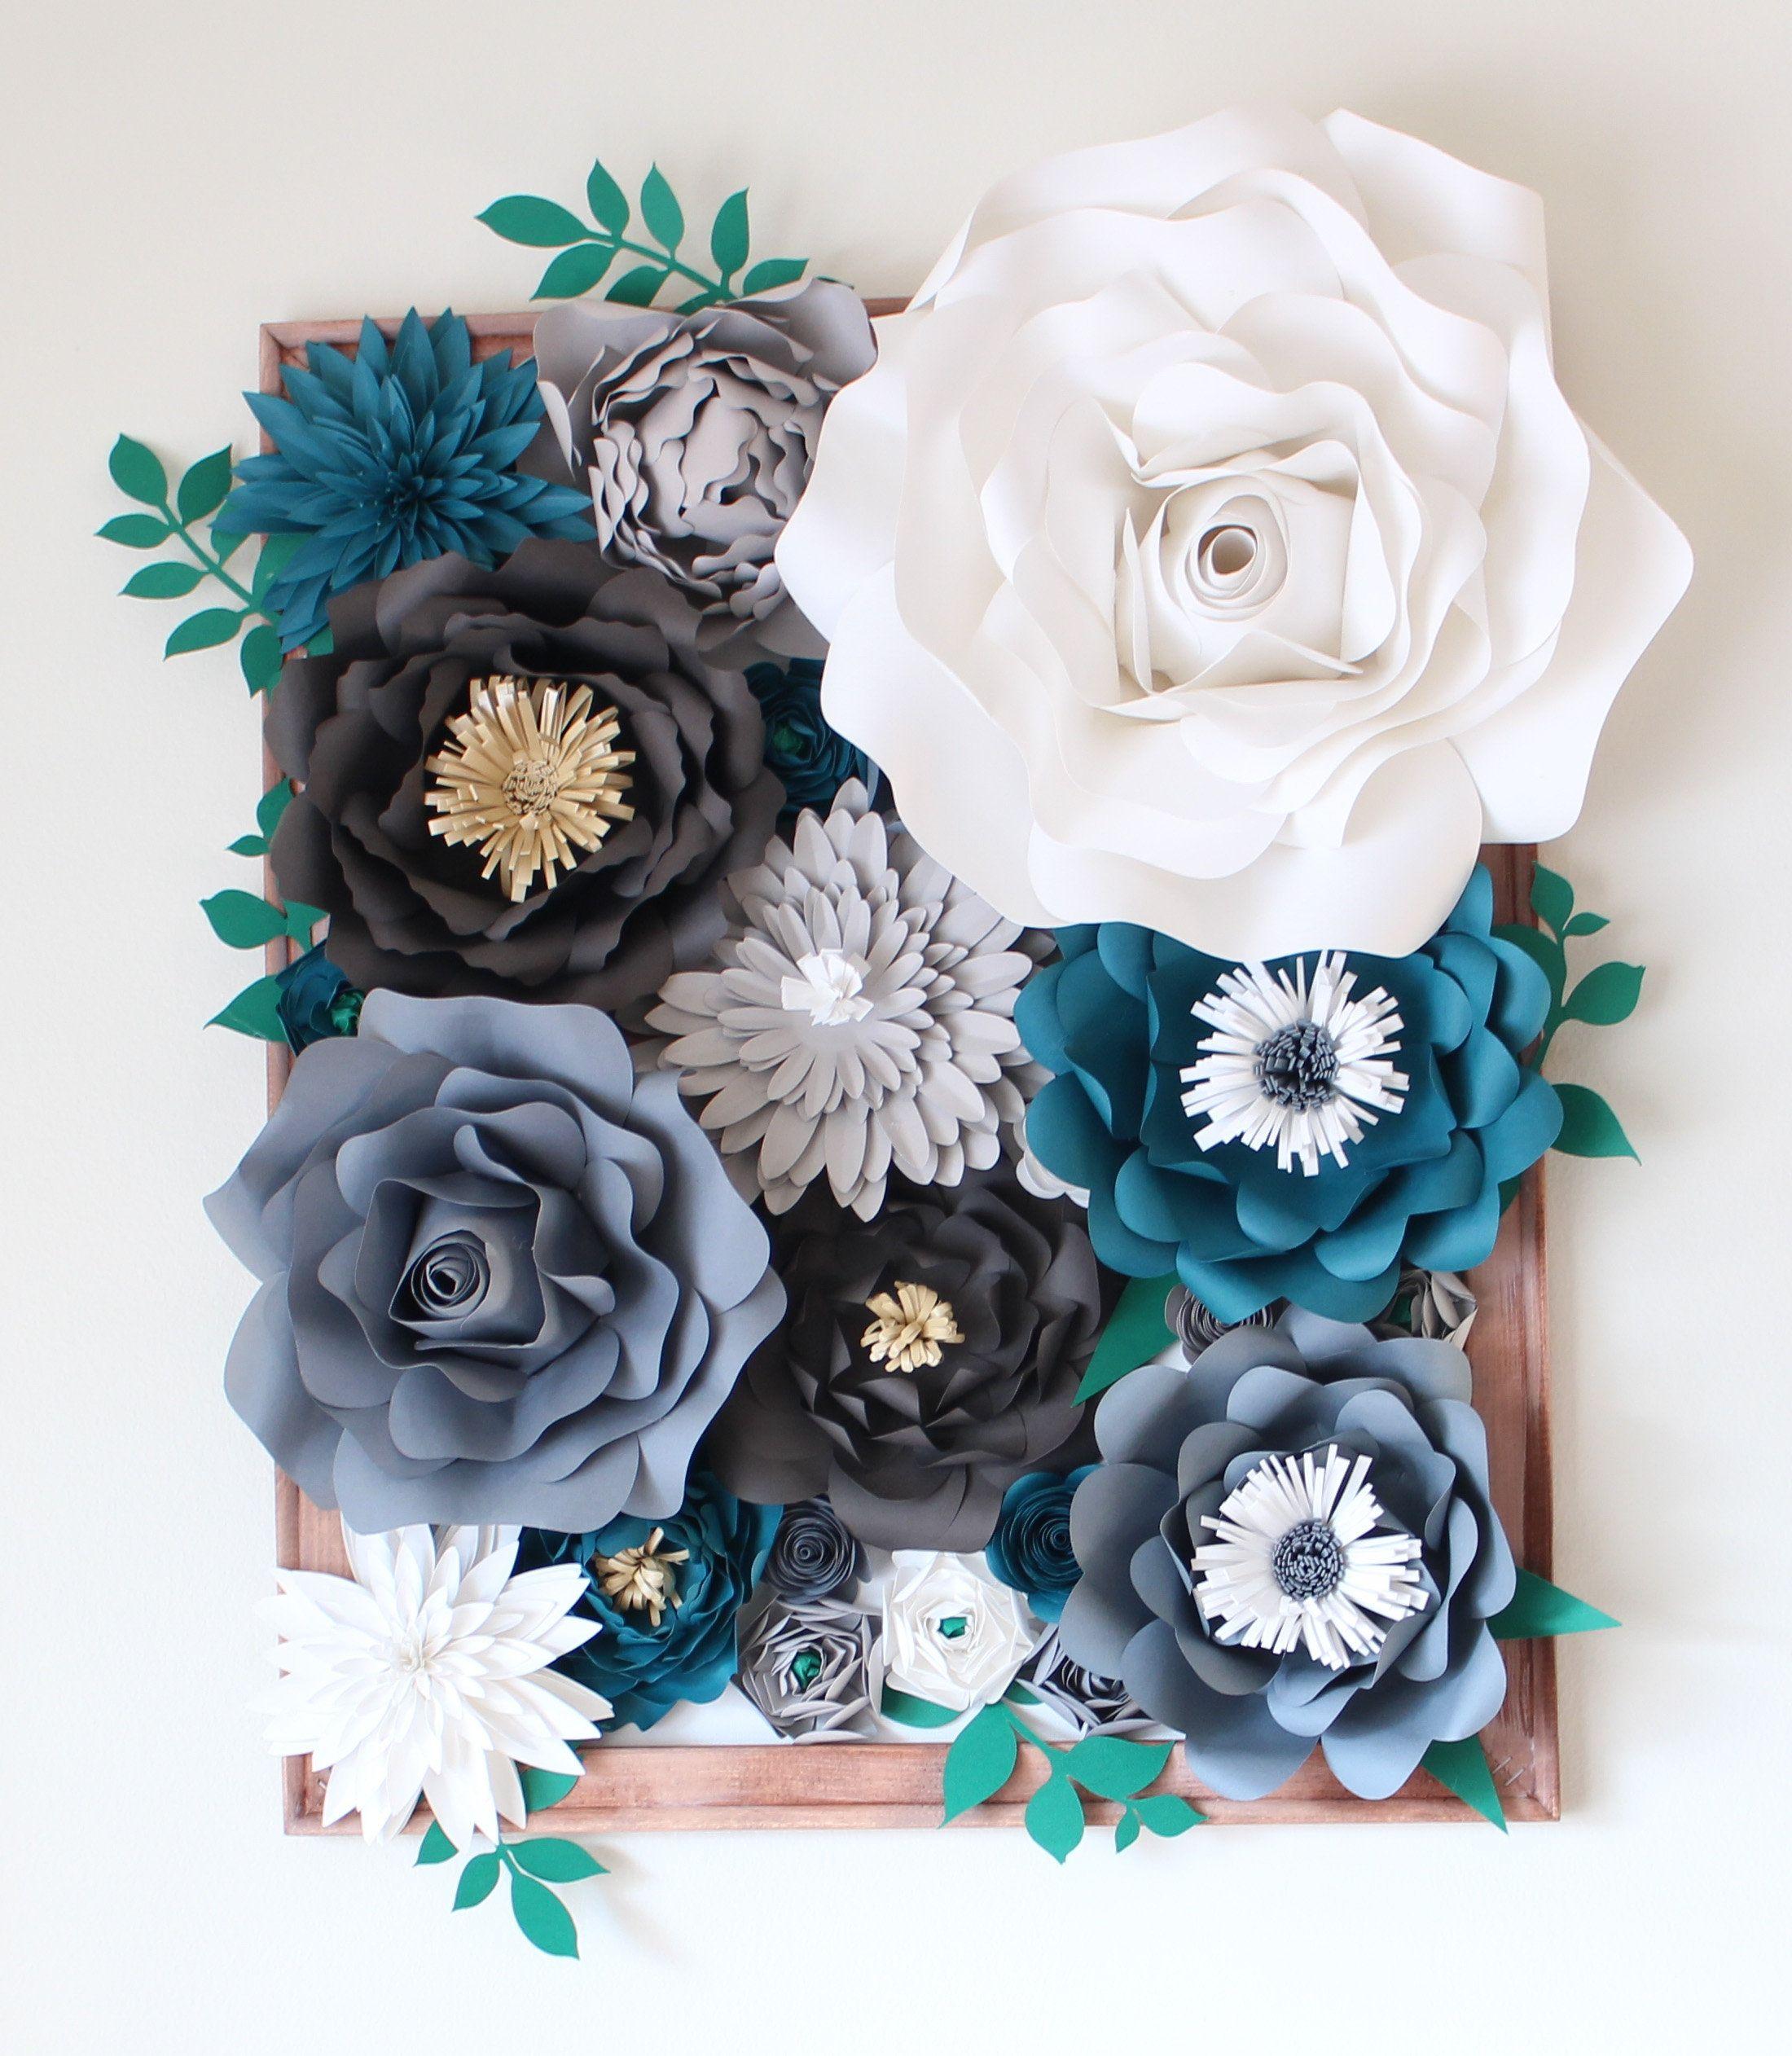 Handmade Paper Flower Canvas Wall Decor  paper flowers  Pinterest